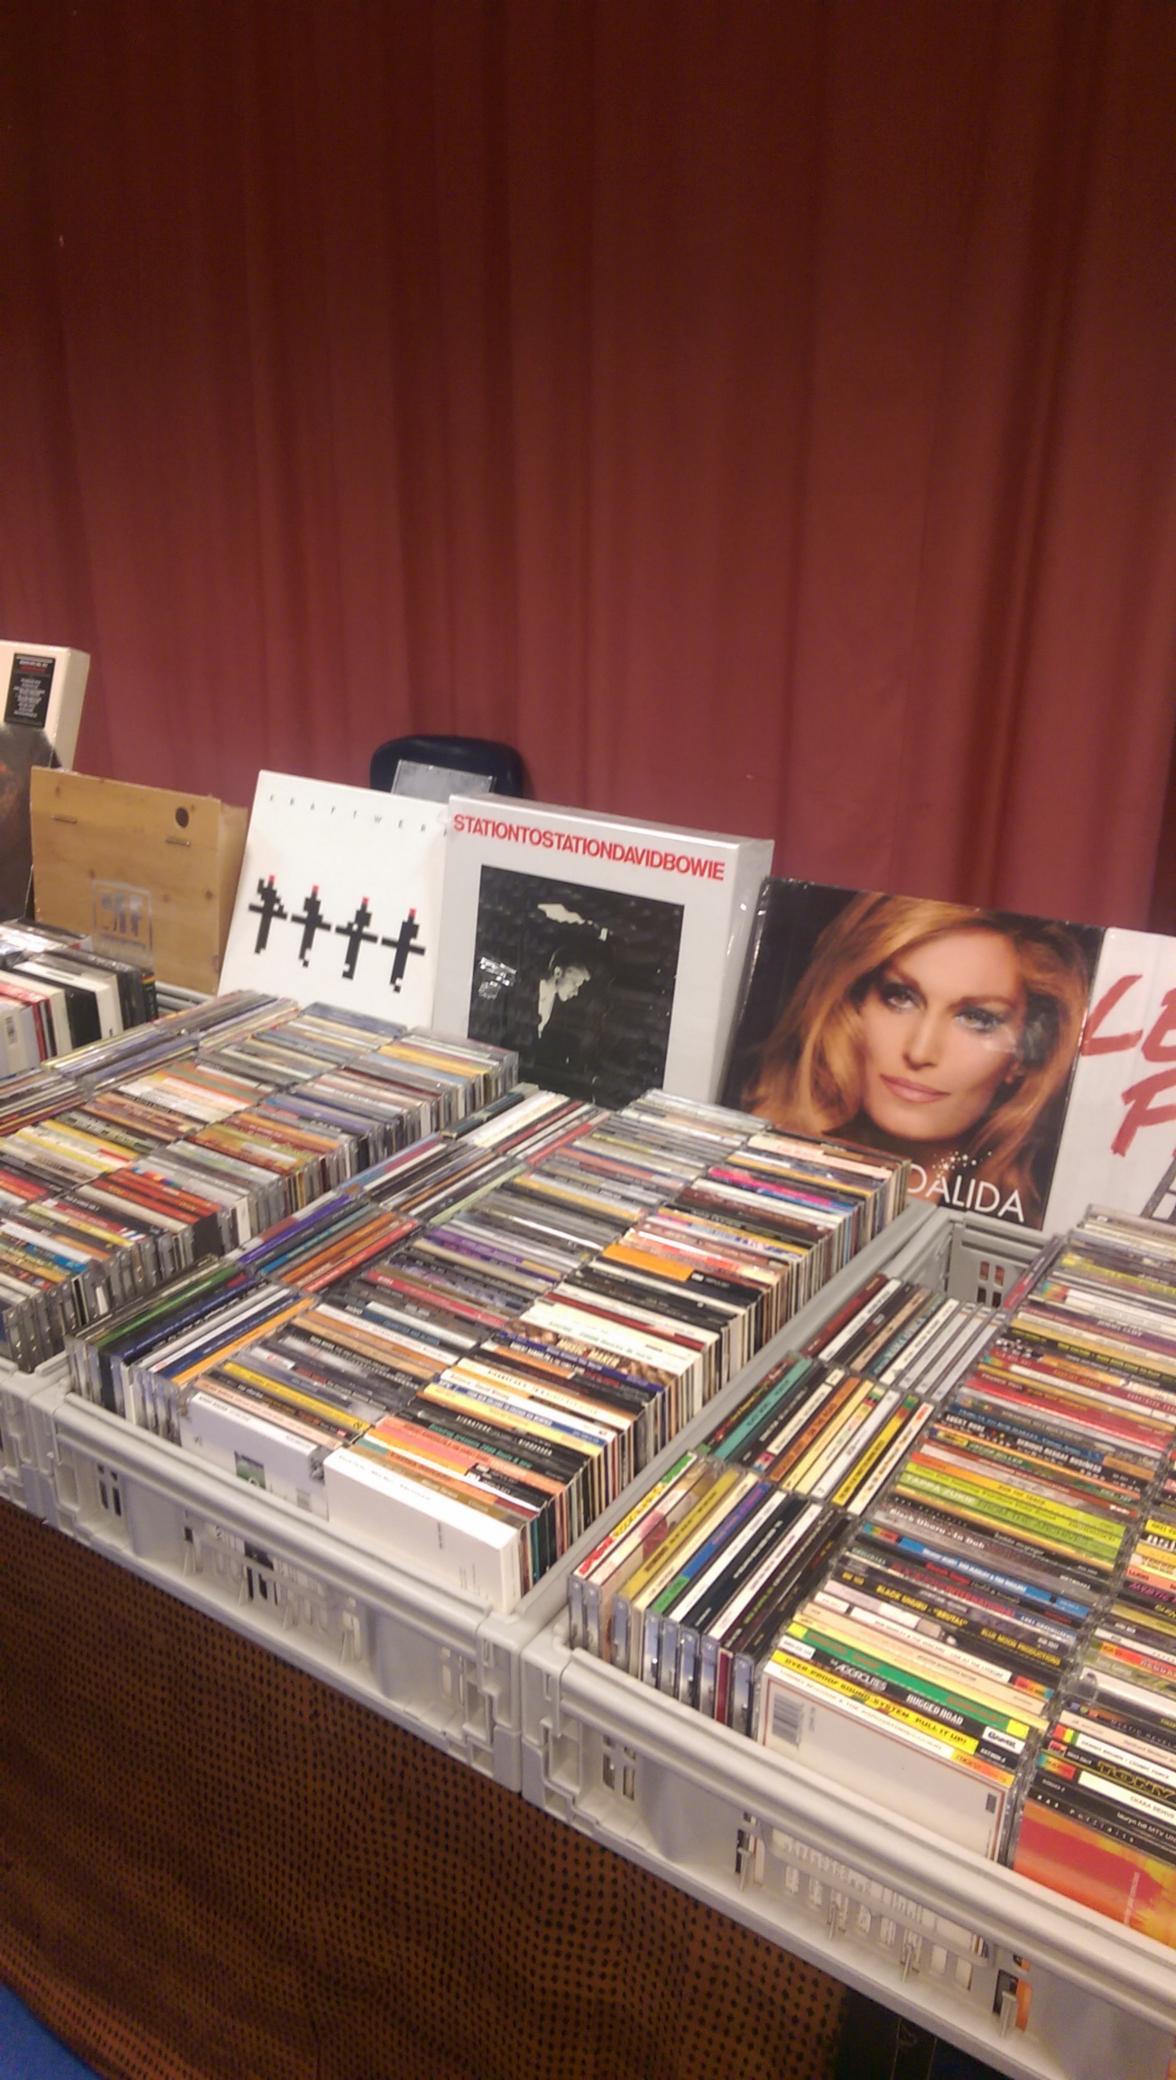 10 achat-vente CD/DVD/BD/Vinyles achat et vente de CD/DVD/VINYLES etc achat-vente CD/DVD/BD/Vinyles achat et vente de CD/DVD/VINYLES etc